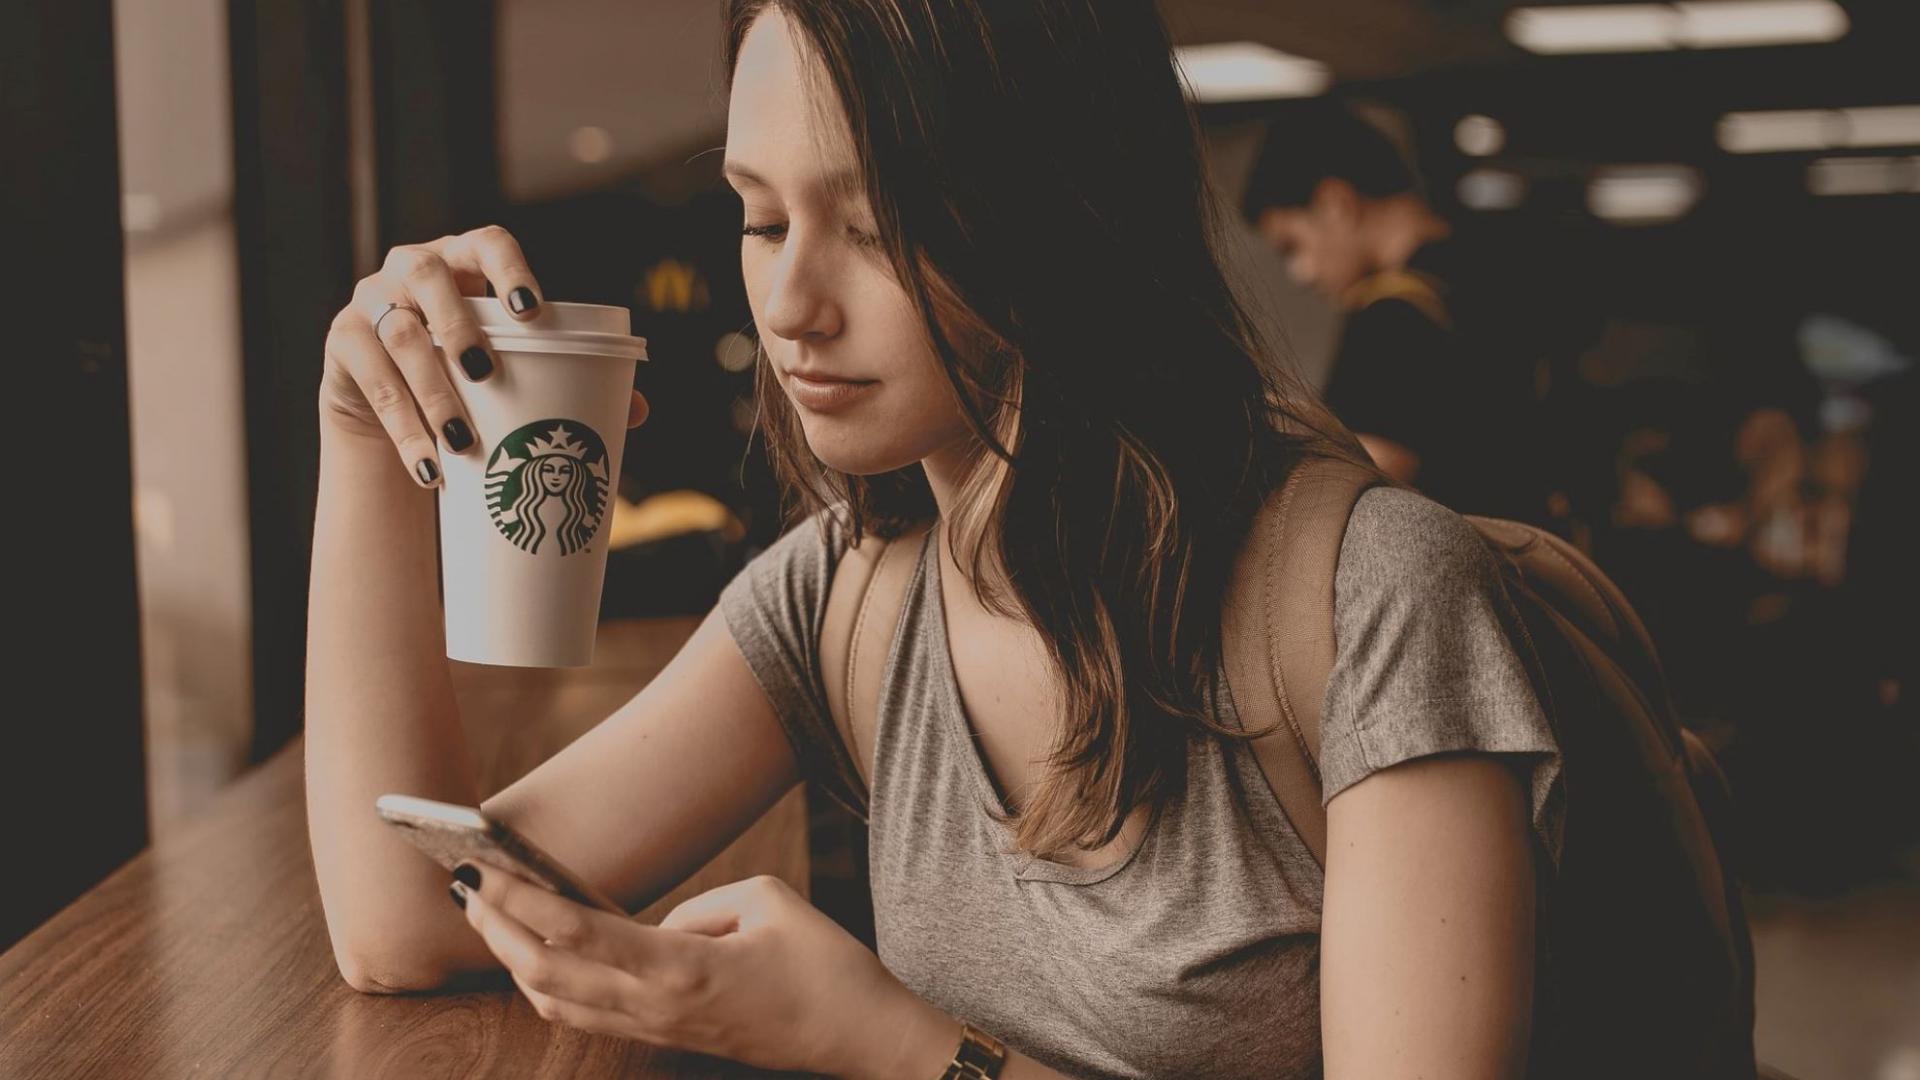 Frau mit Starbucks Kaffee